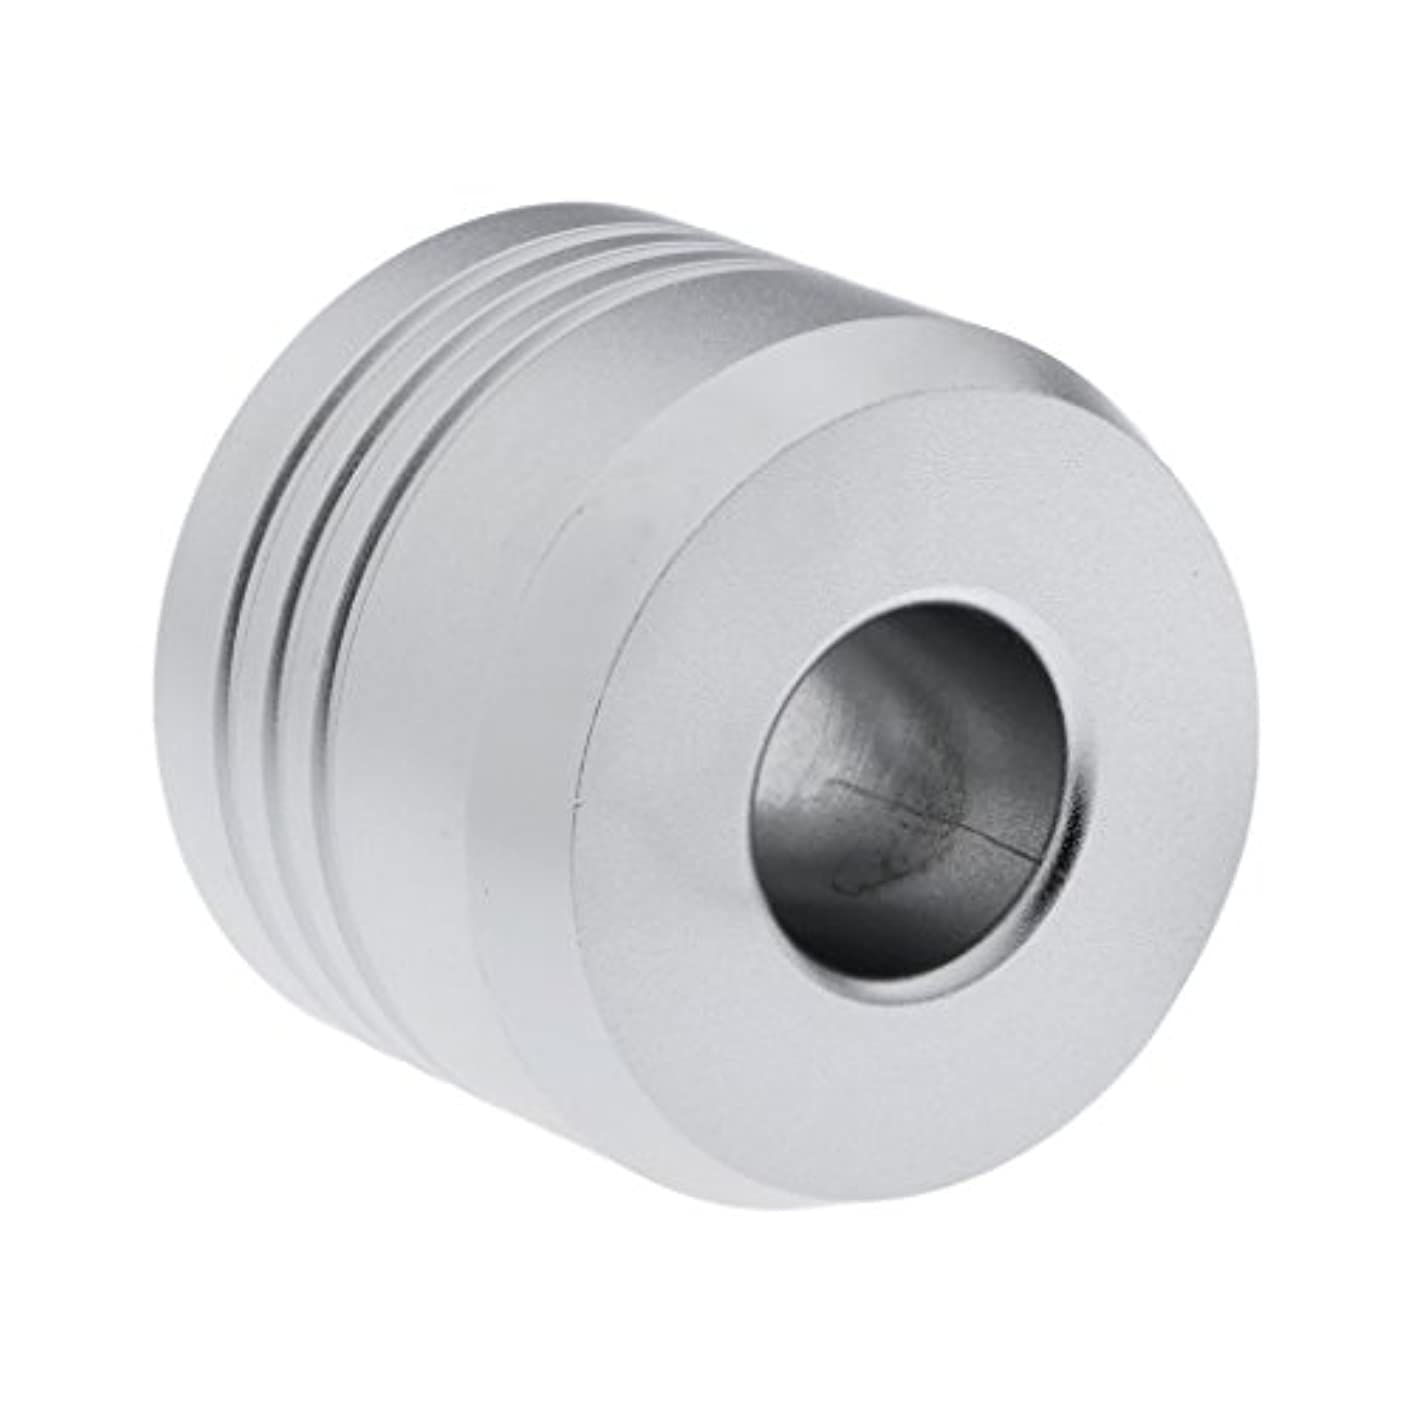 パイボア立場カミソリスタンド スタンド シェービング カミソリ ホルダー ベース サポート 調節可 メンズ 男性 プレゼント 2色選べ - 銀